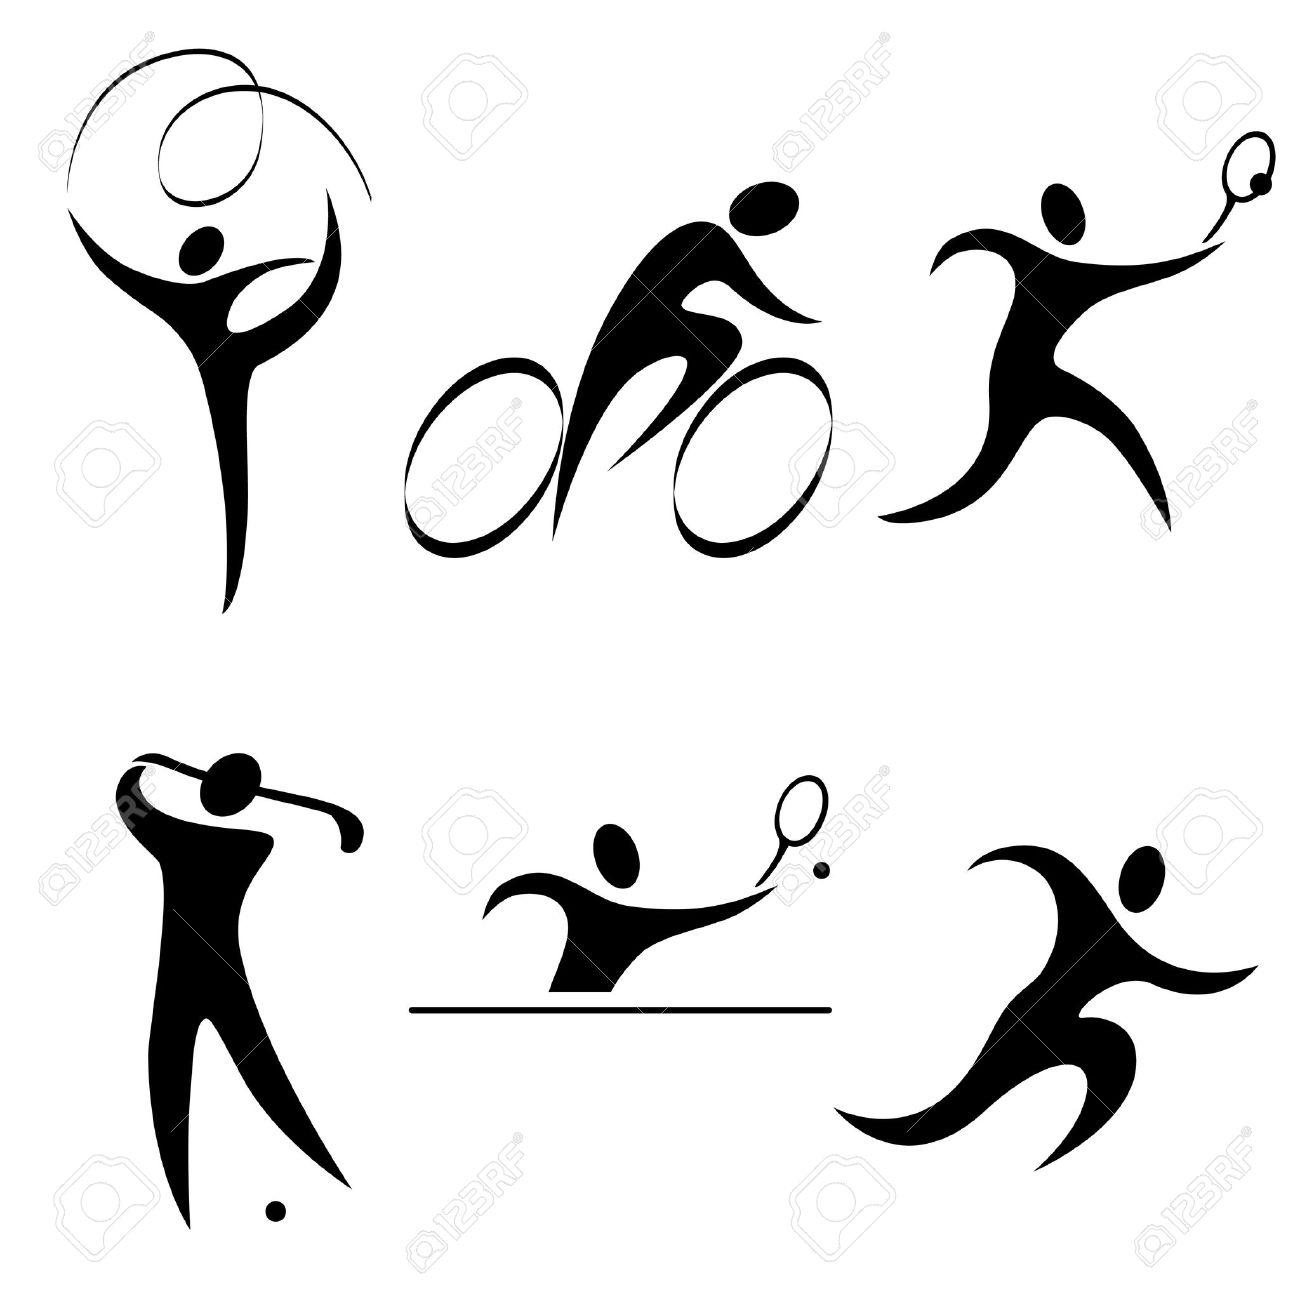 503ac2b20fecb Conjunto deportivo persona icono. Los deportes individuales. Olímpicos de  Verano discipline.vector ilustración